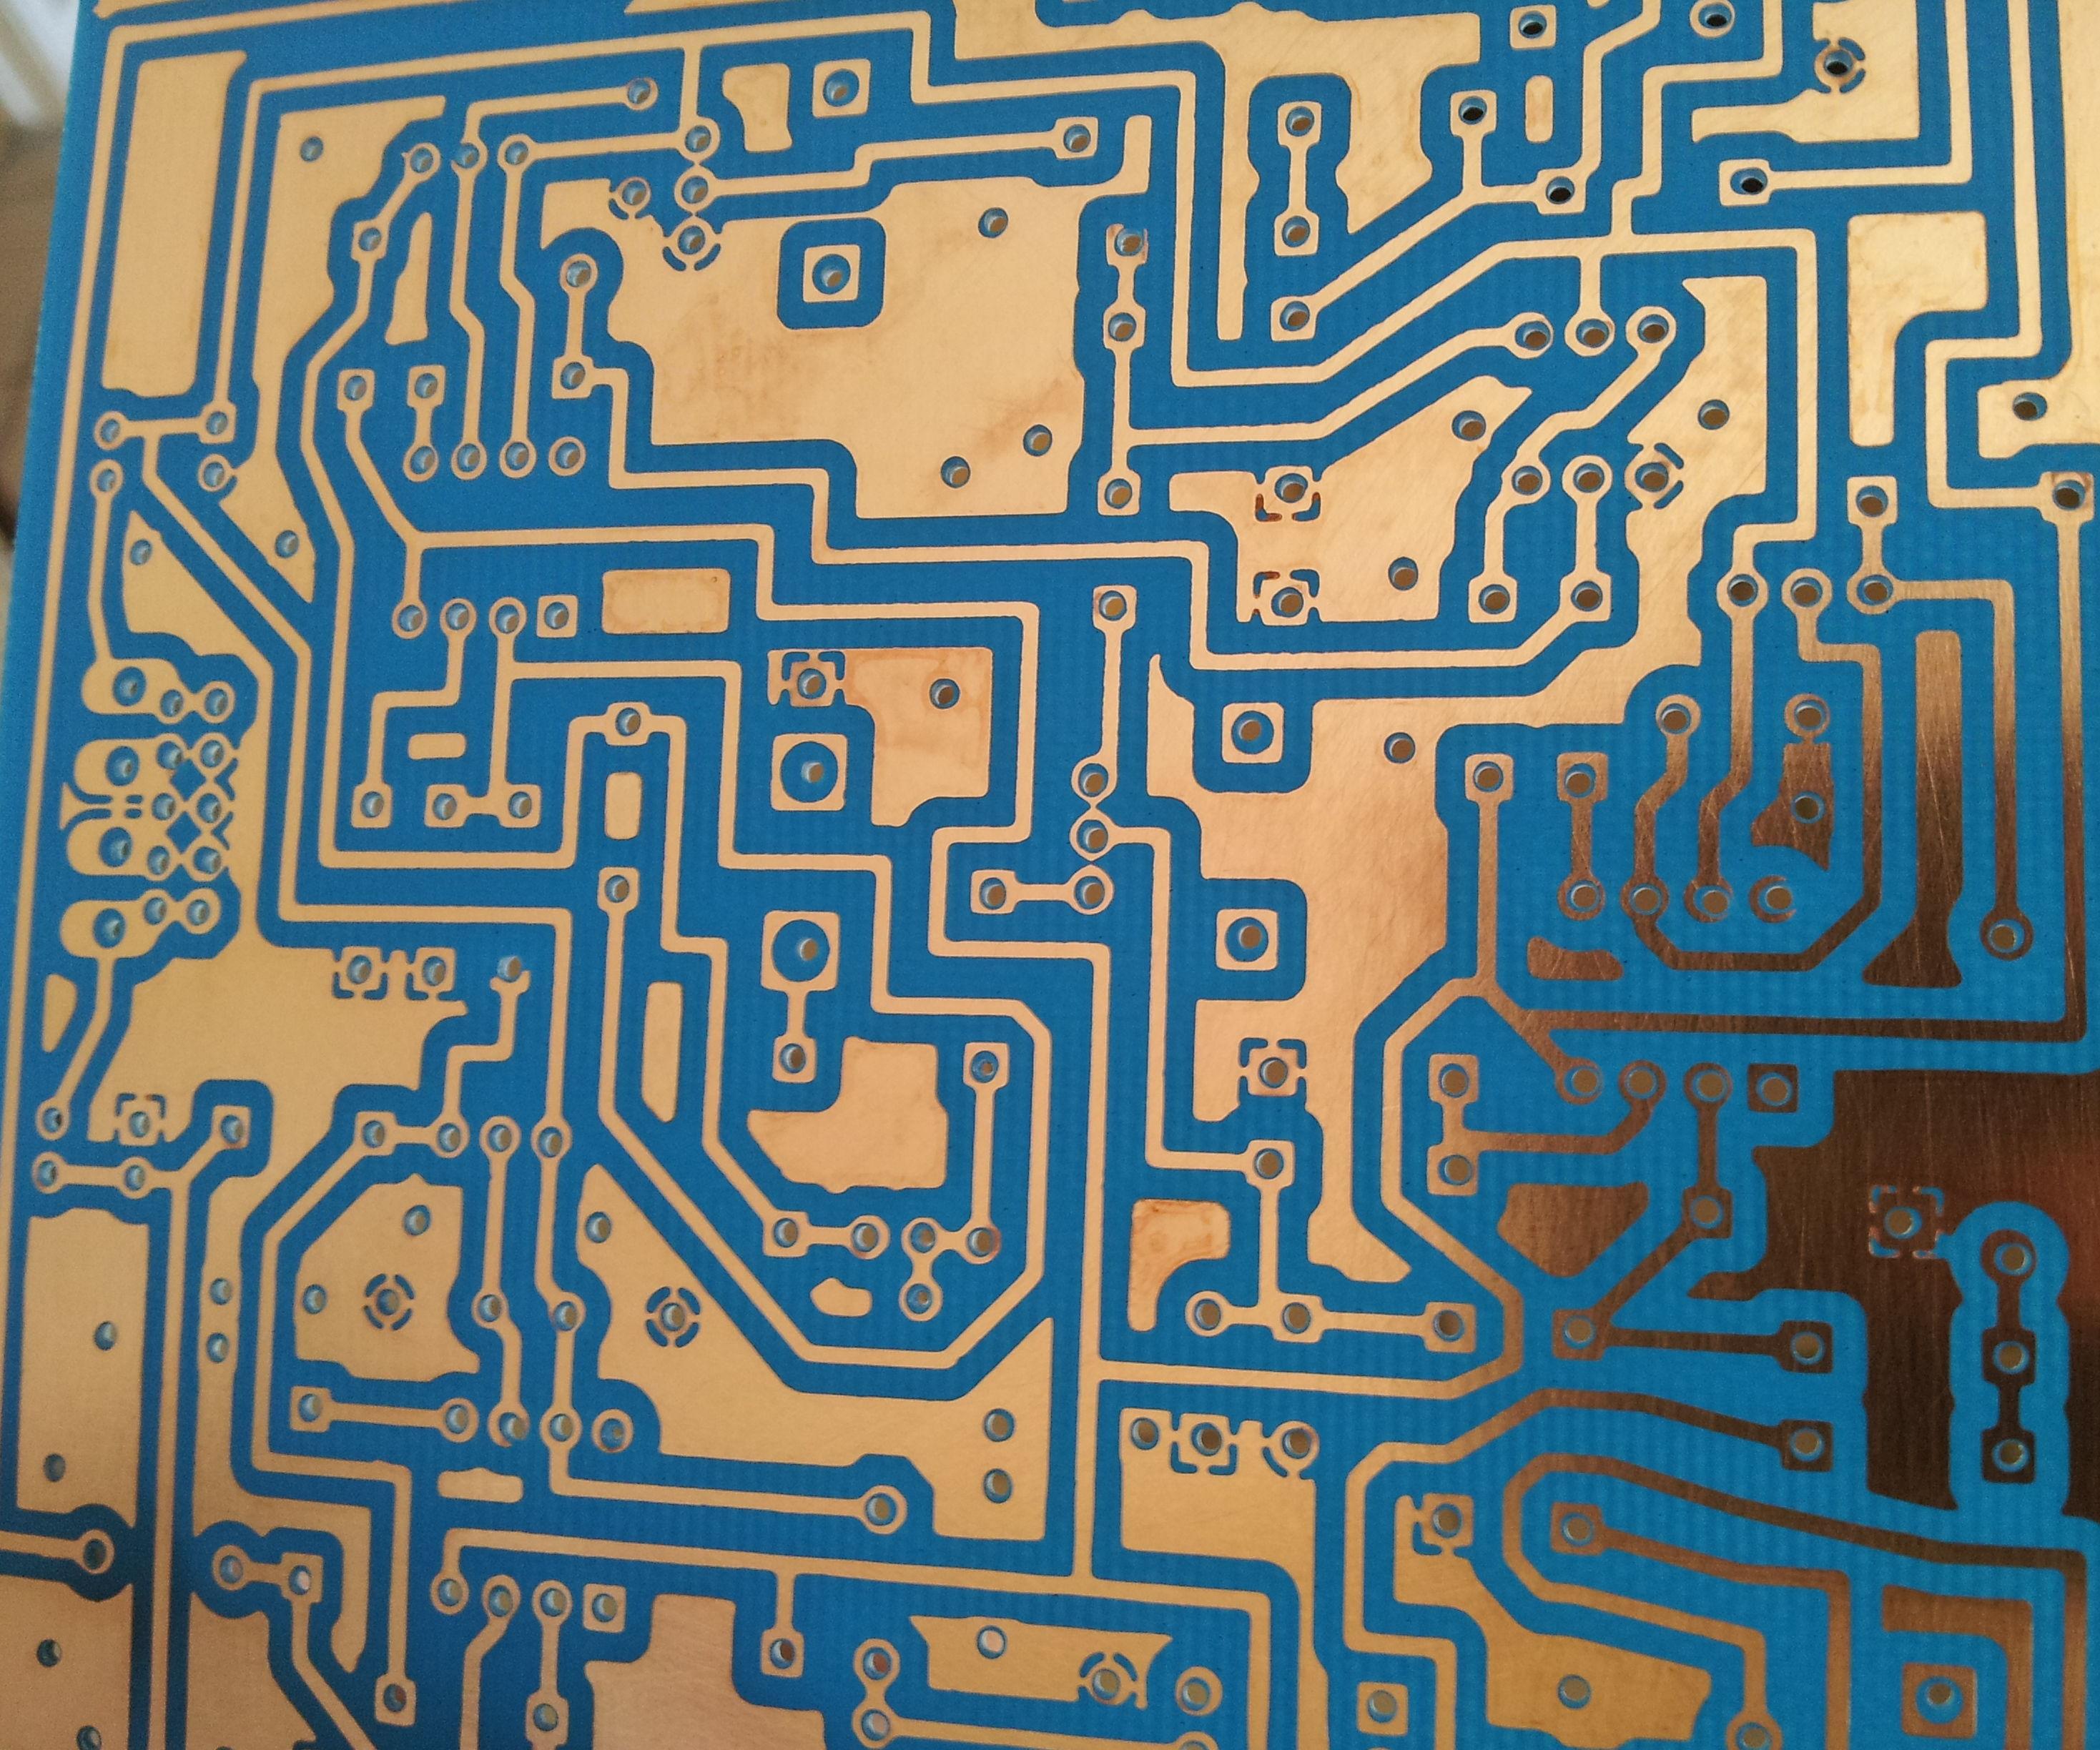 DIY PCB using Liquid Photoresist